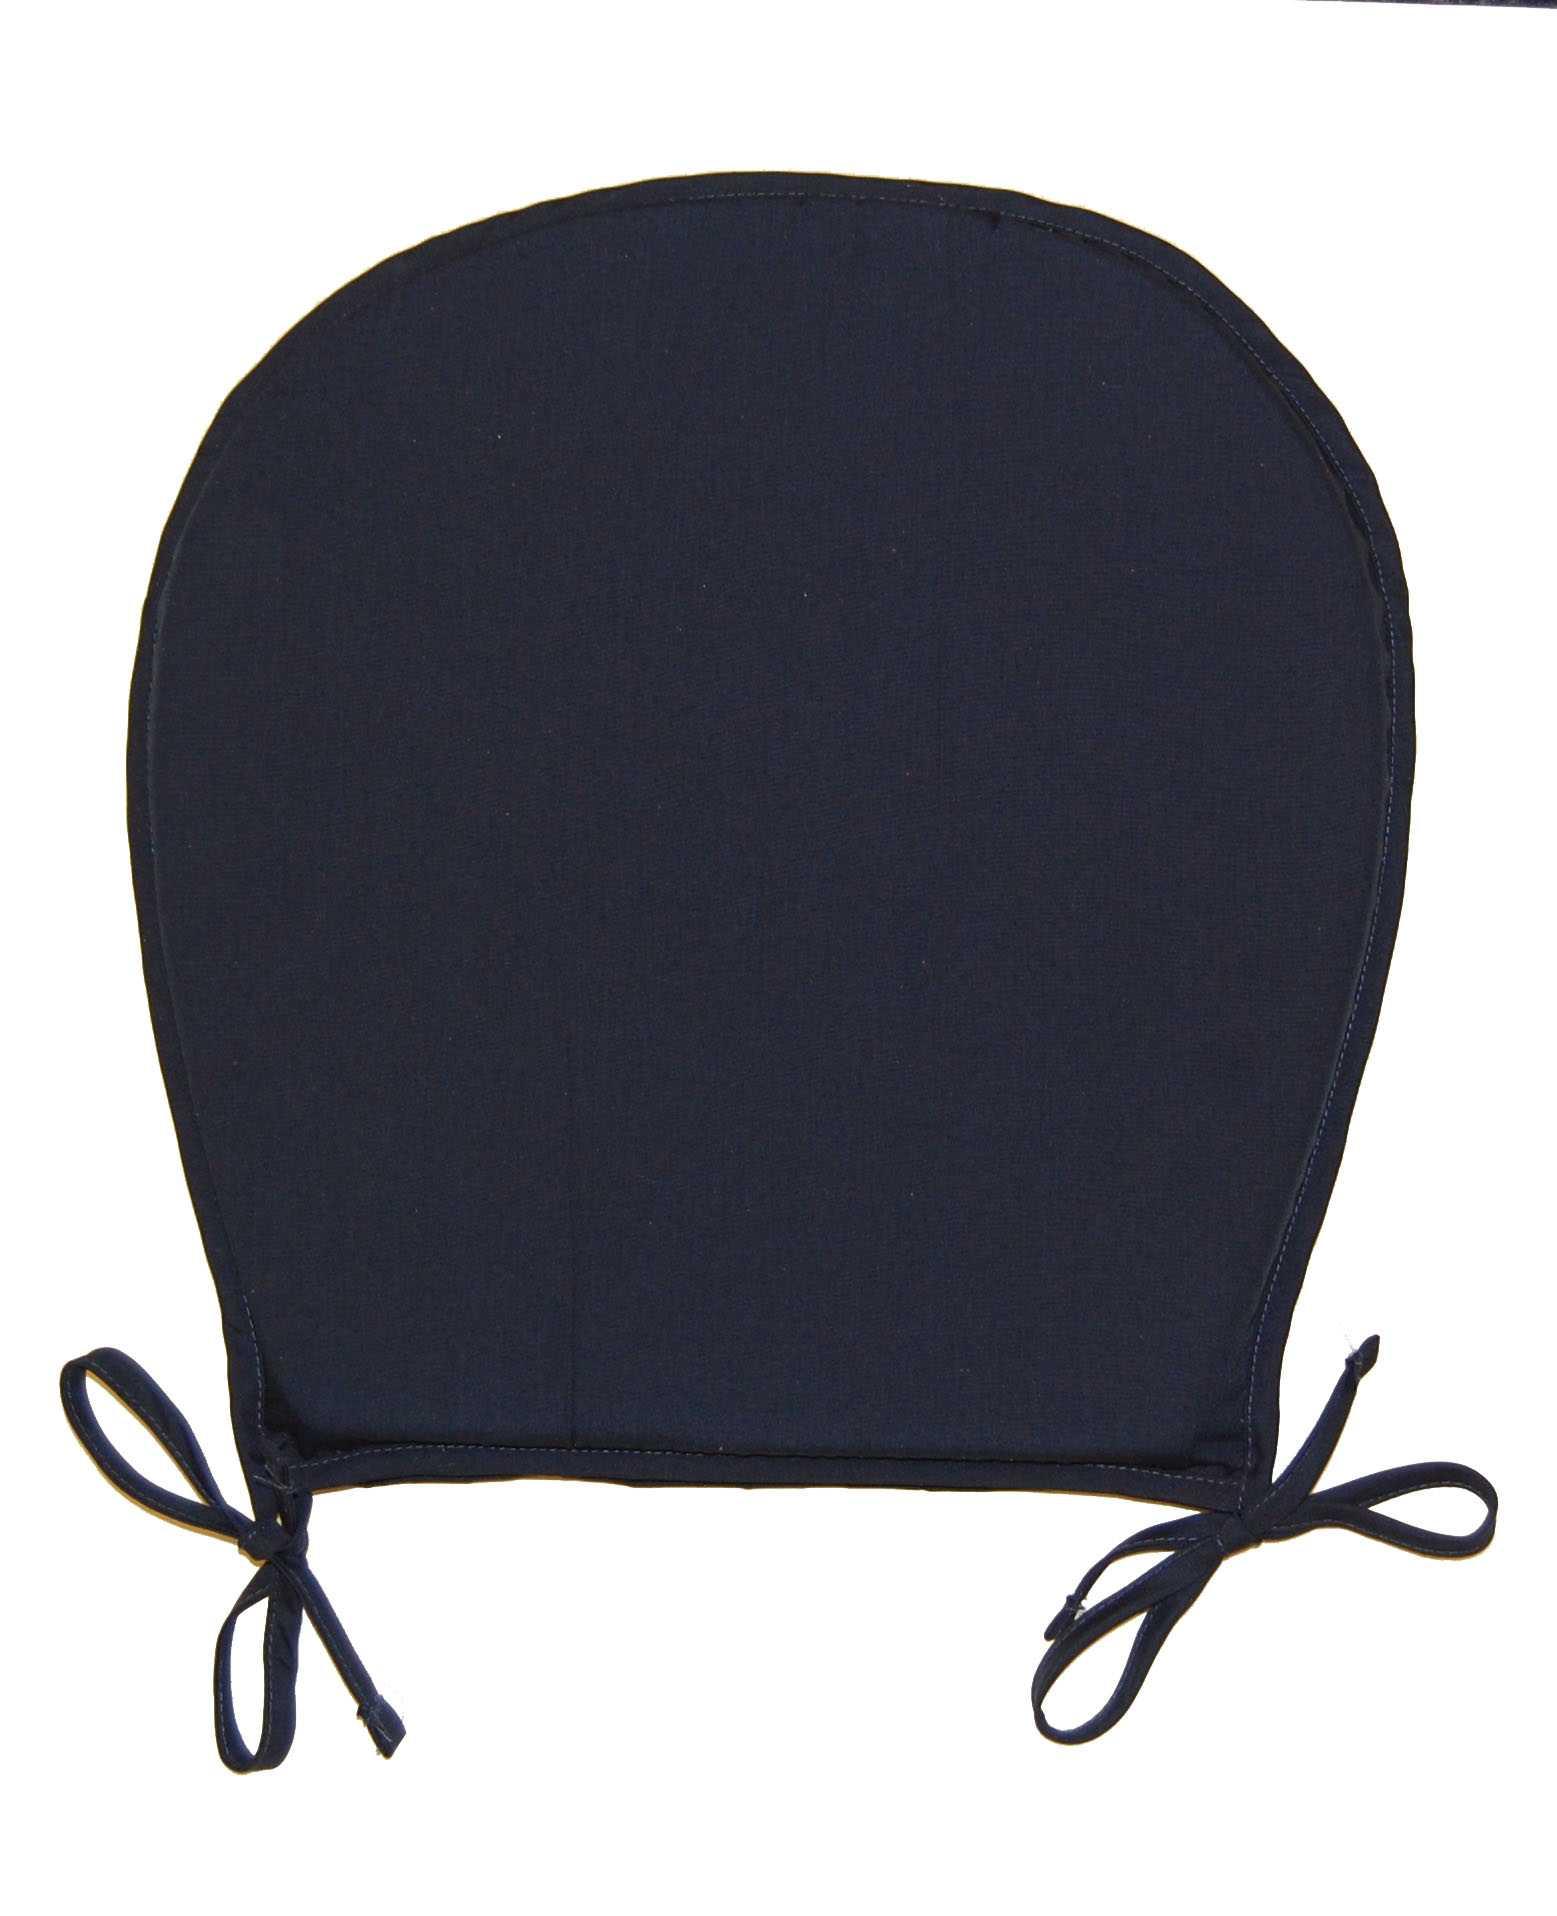 round chair cushions 14 inch medline shower kitchen seat pad garden furniture dining room